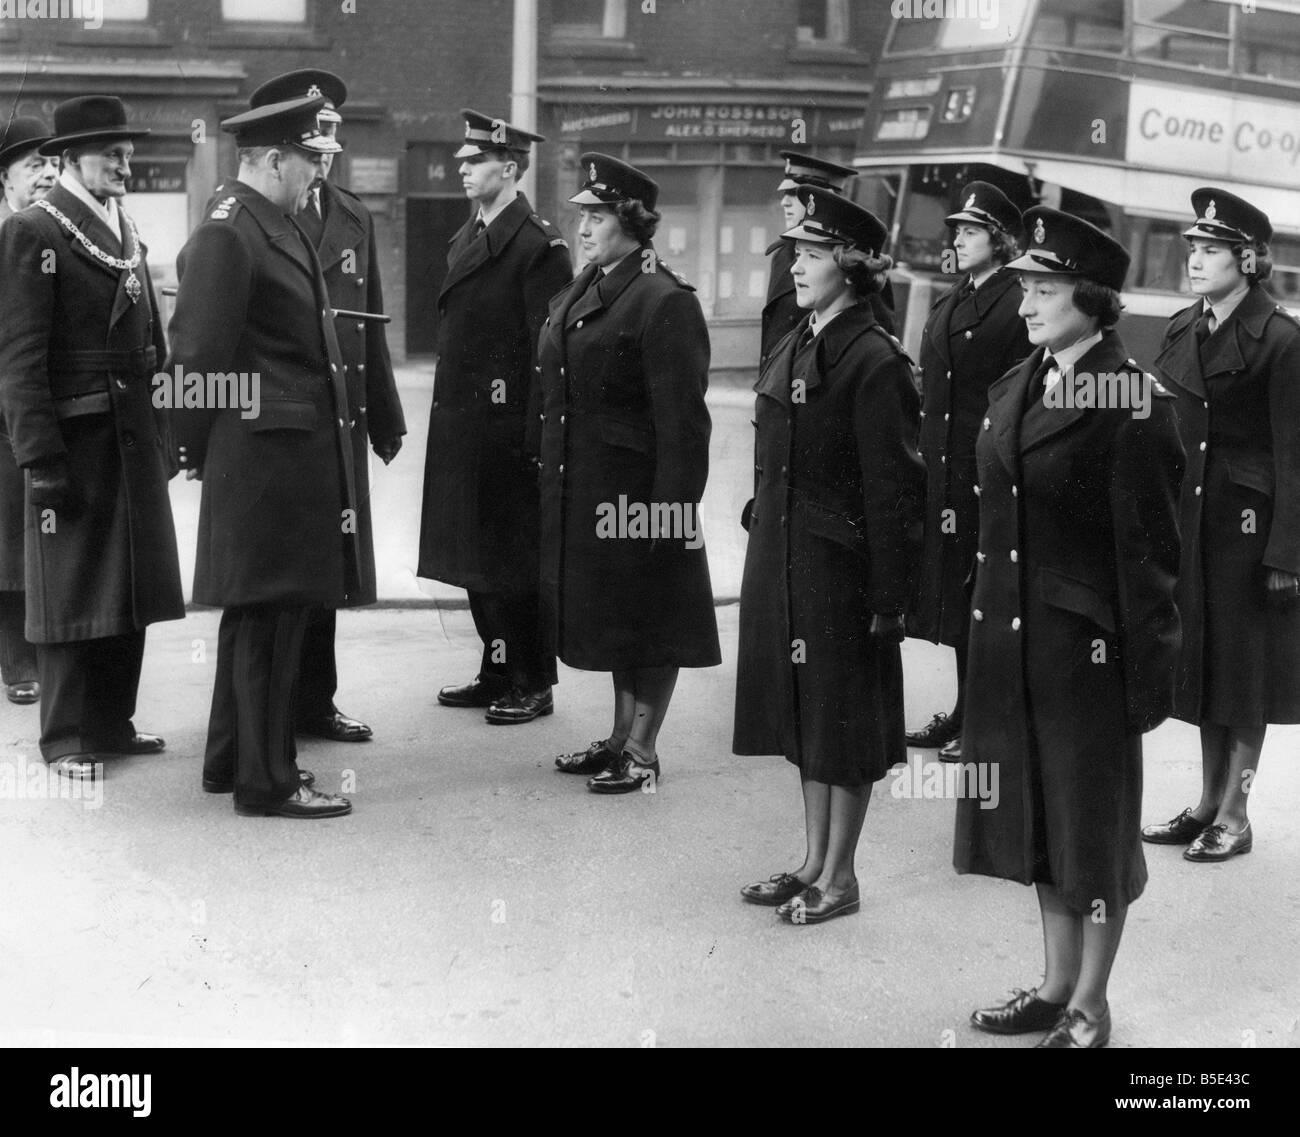 Polizisten Der Polizei Gateshead Wurden Heute Auf Ihre Schlauheit